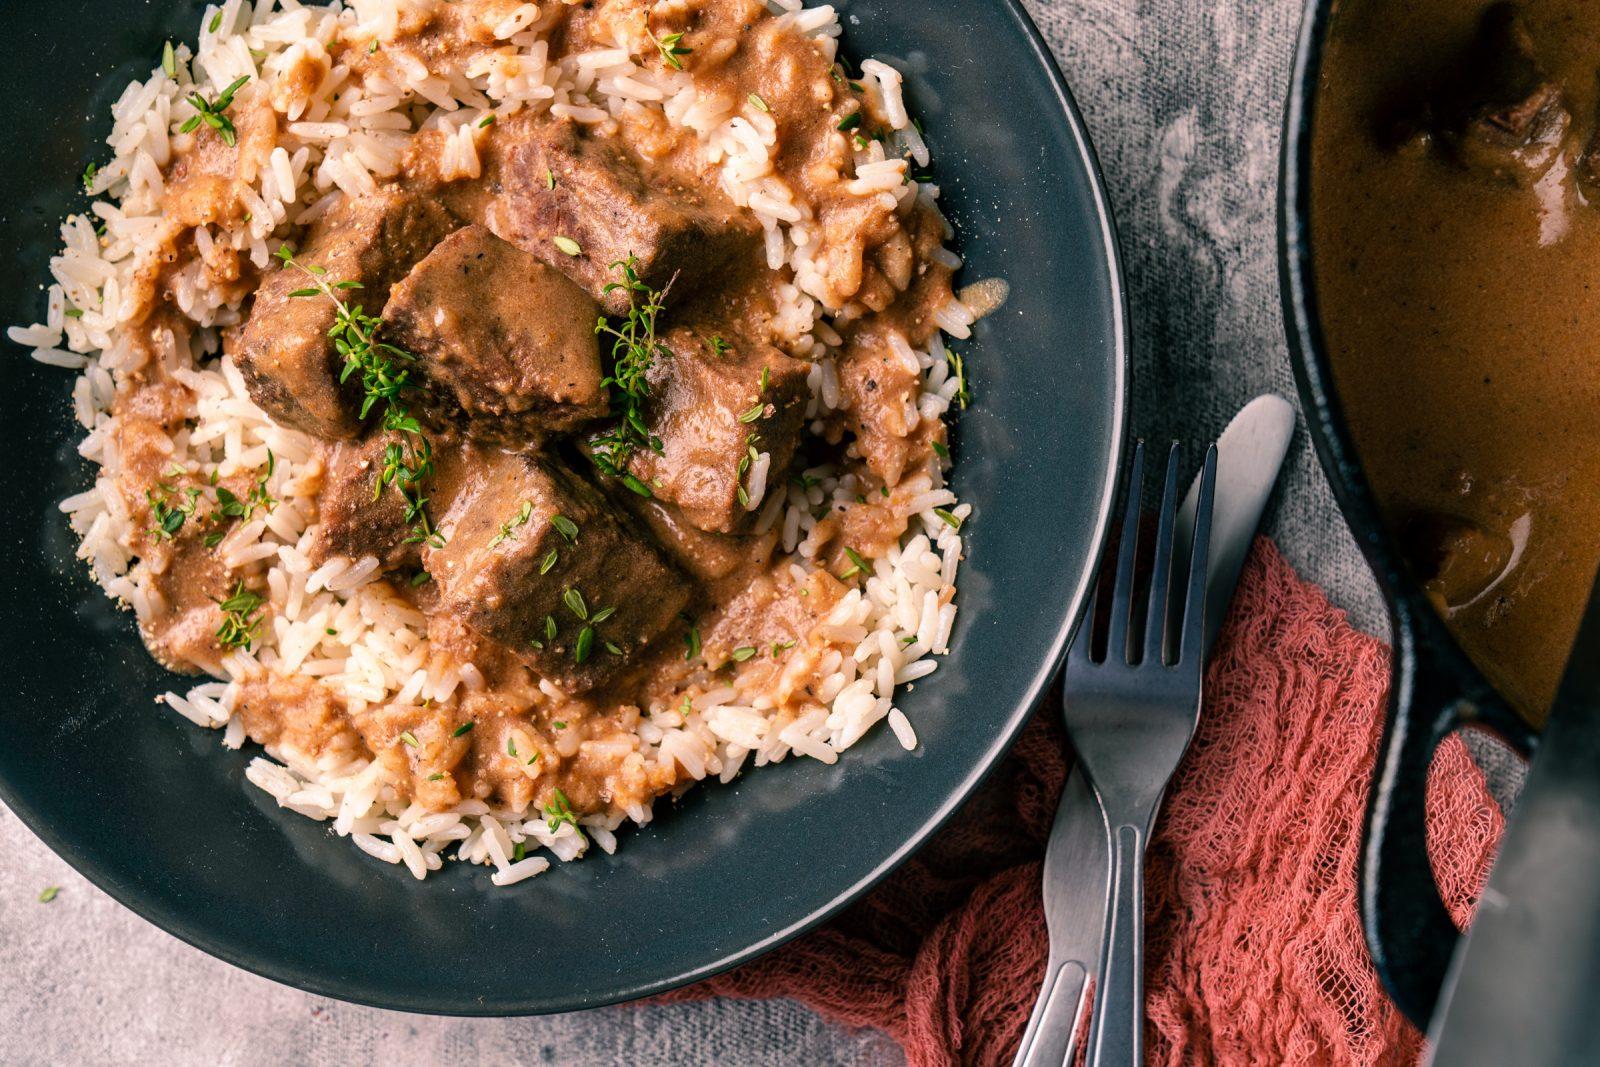 Rezept für Sauerbratengulasch vom Eifelrind. Die besten Soulfood-Gerichte aus der Kindheit in einem vereint. Gulasch und Sauerbarten. Einfach perfekt.